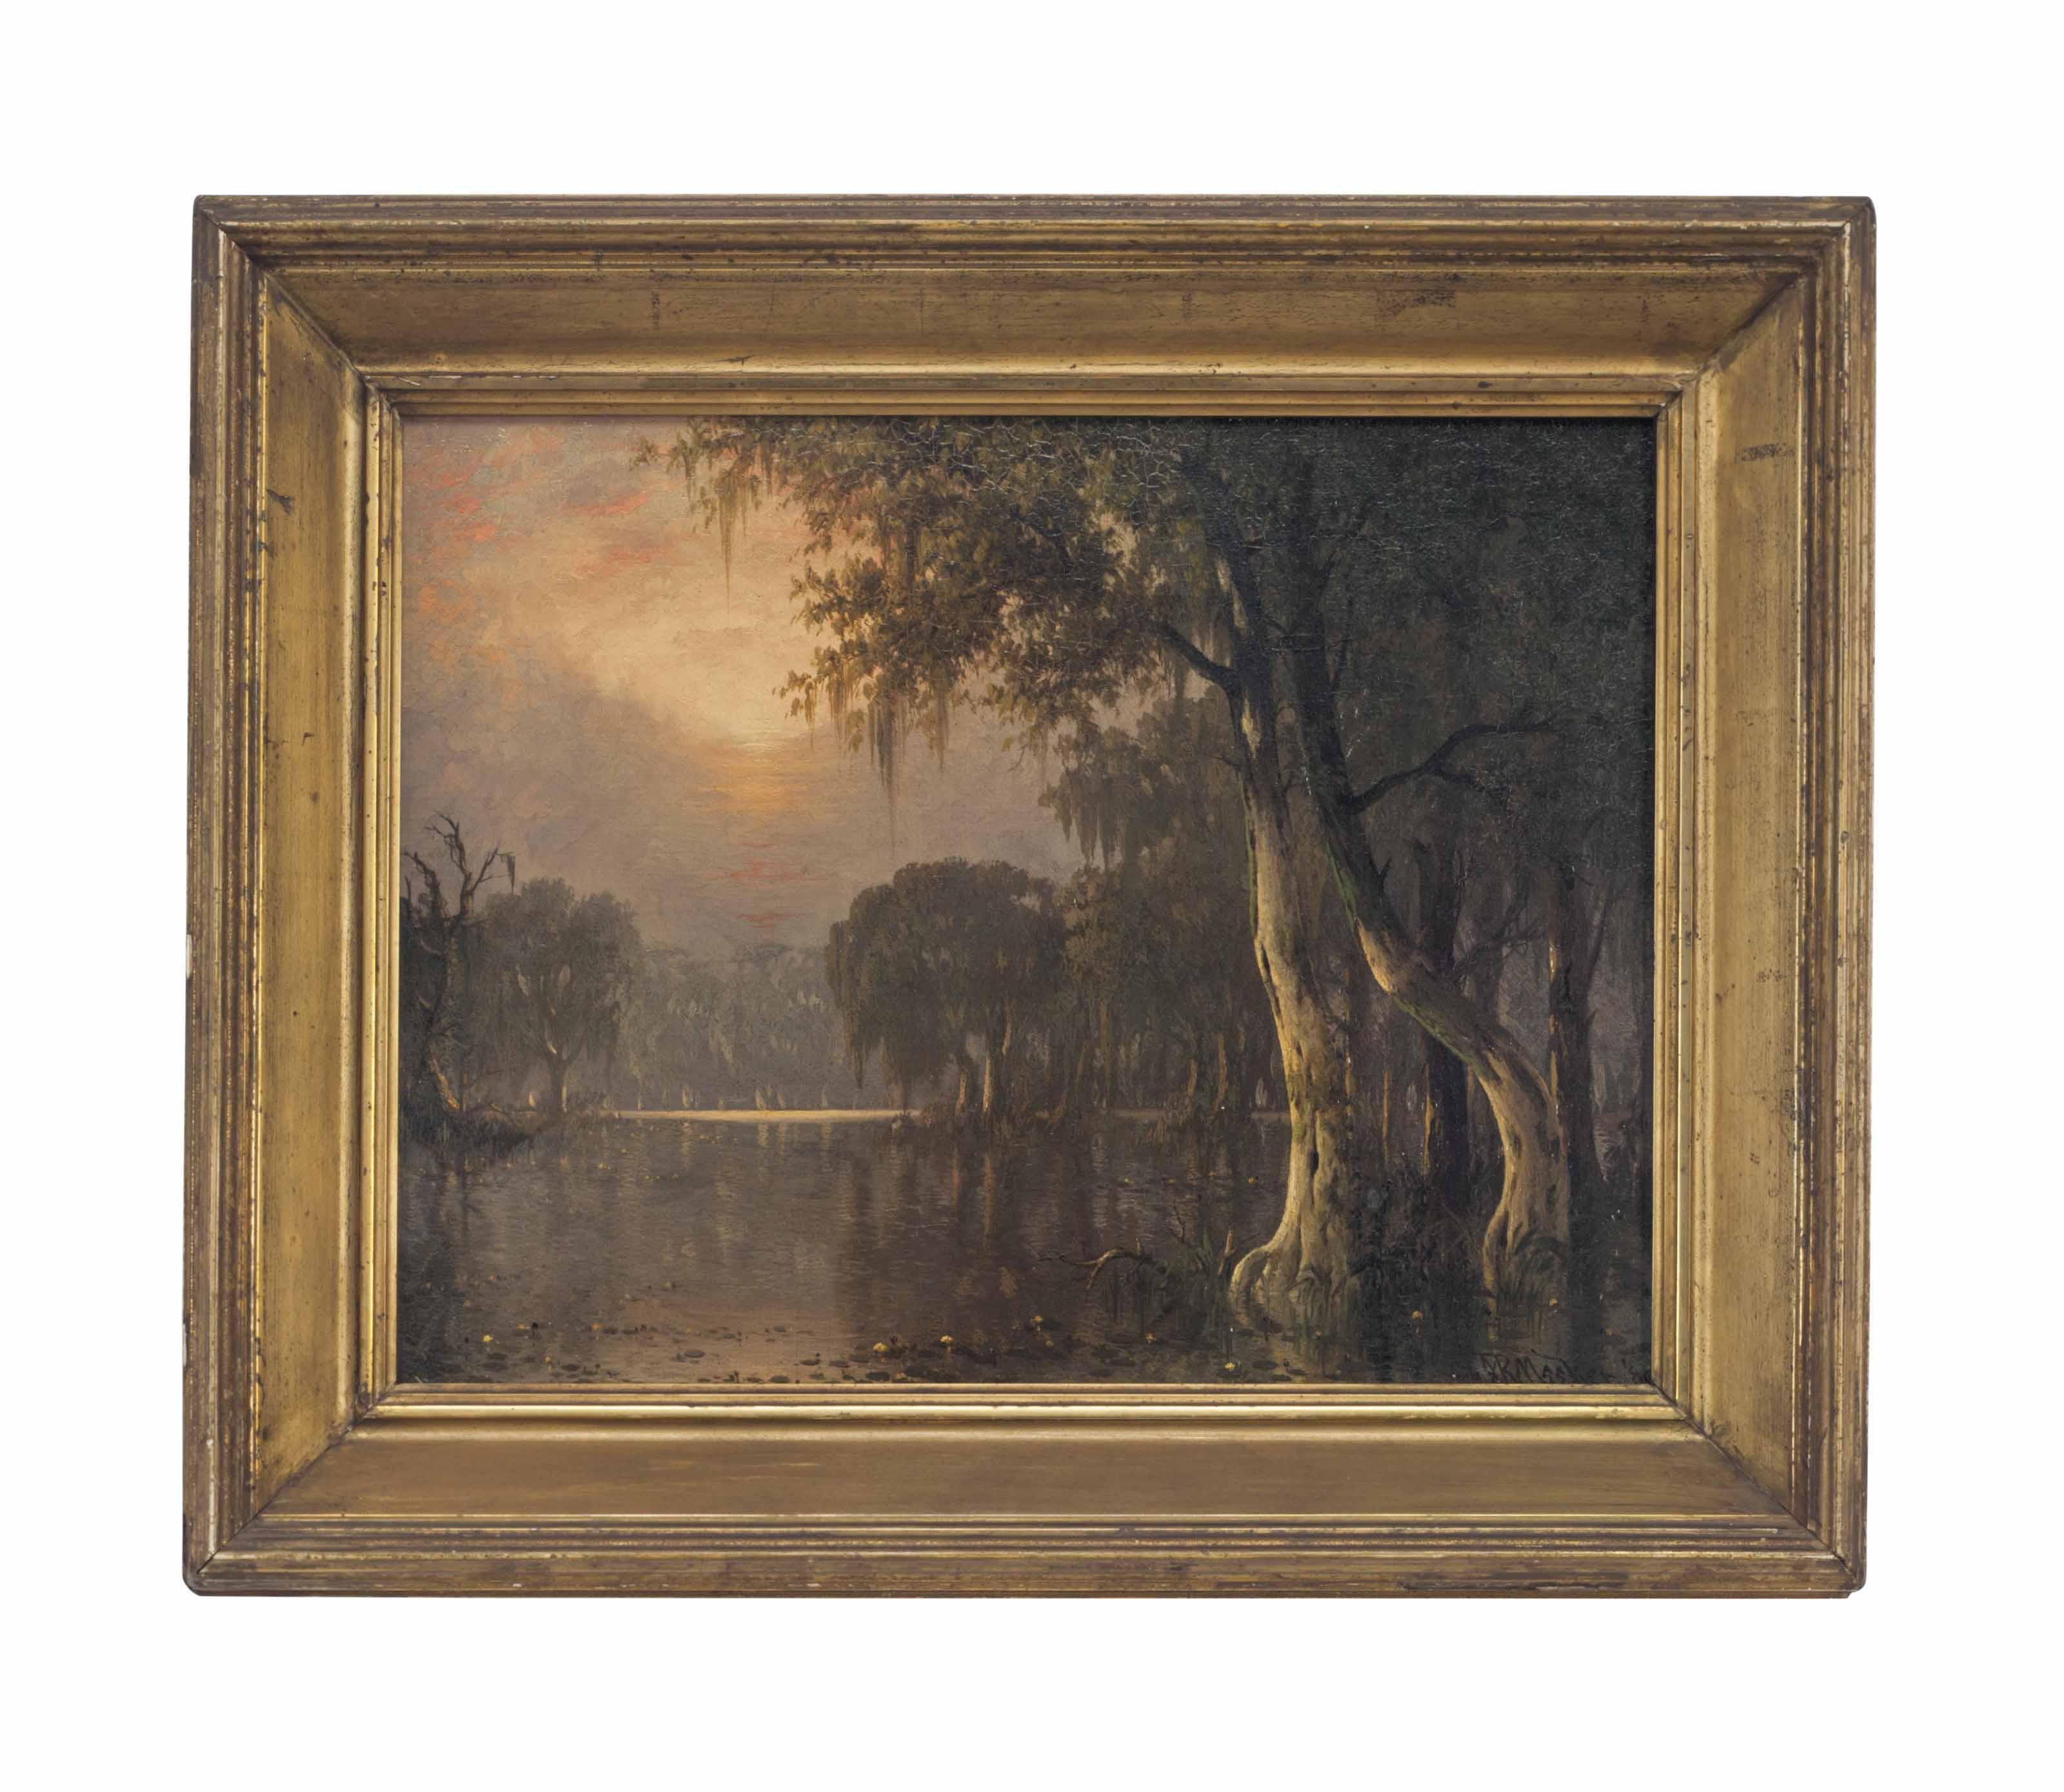 Atchafalaya River Swamp